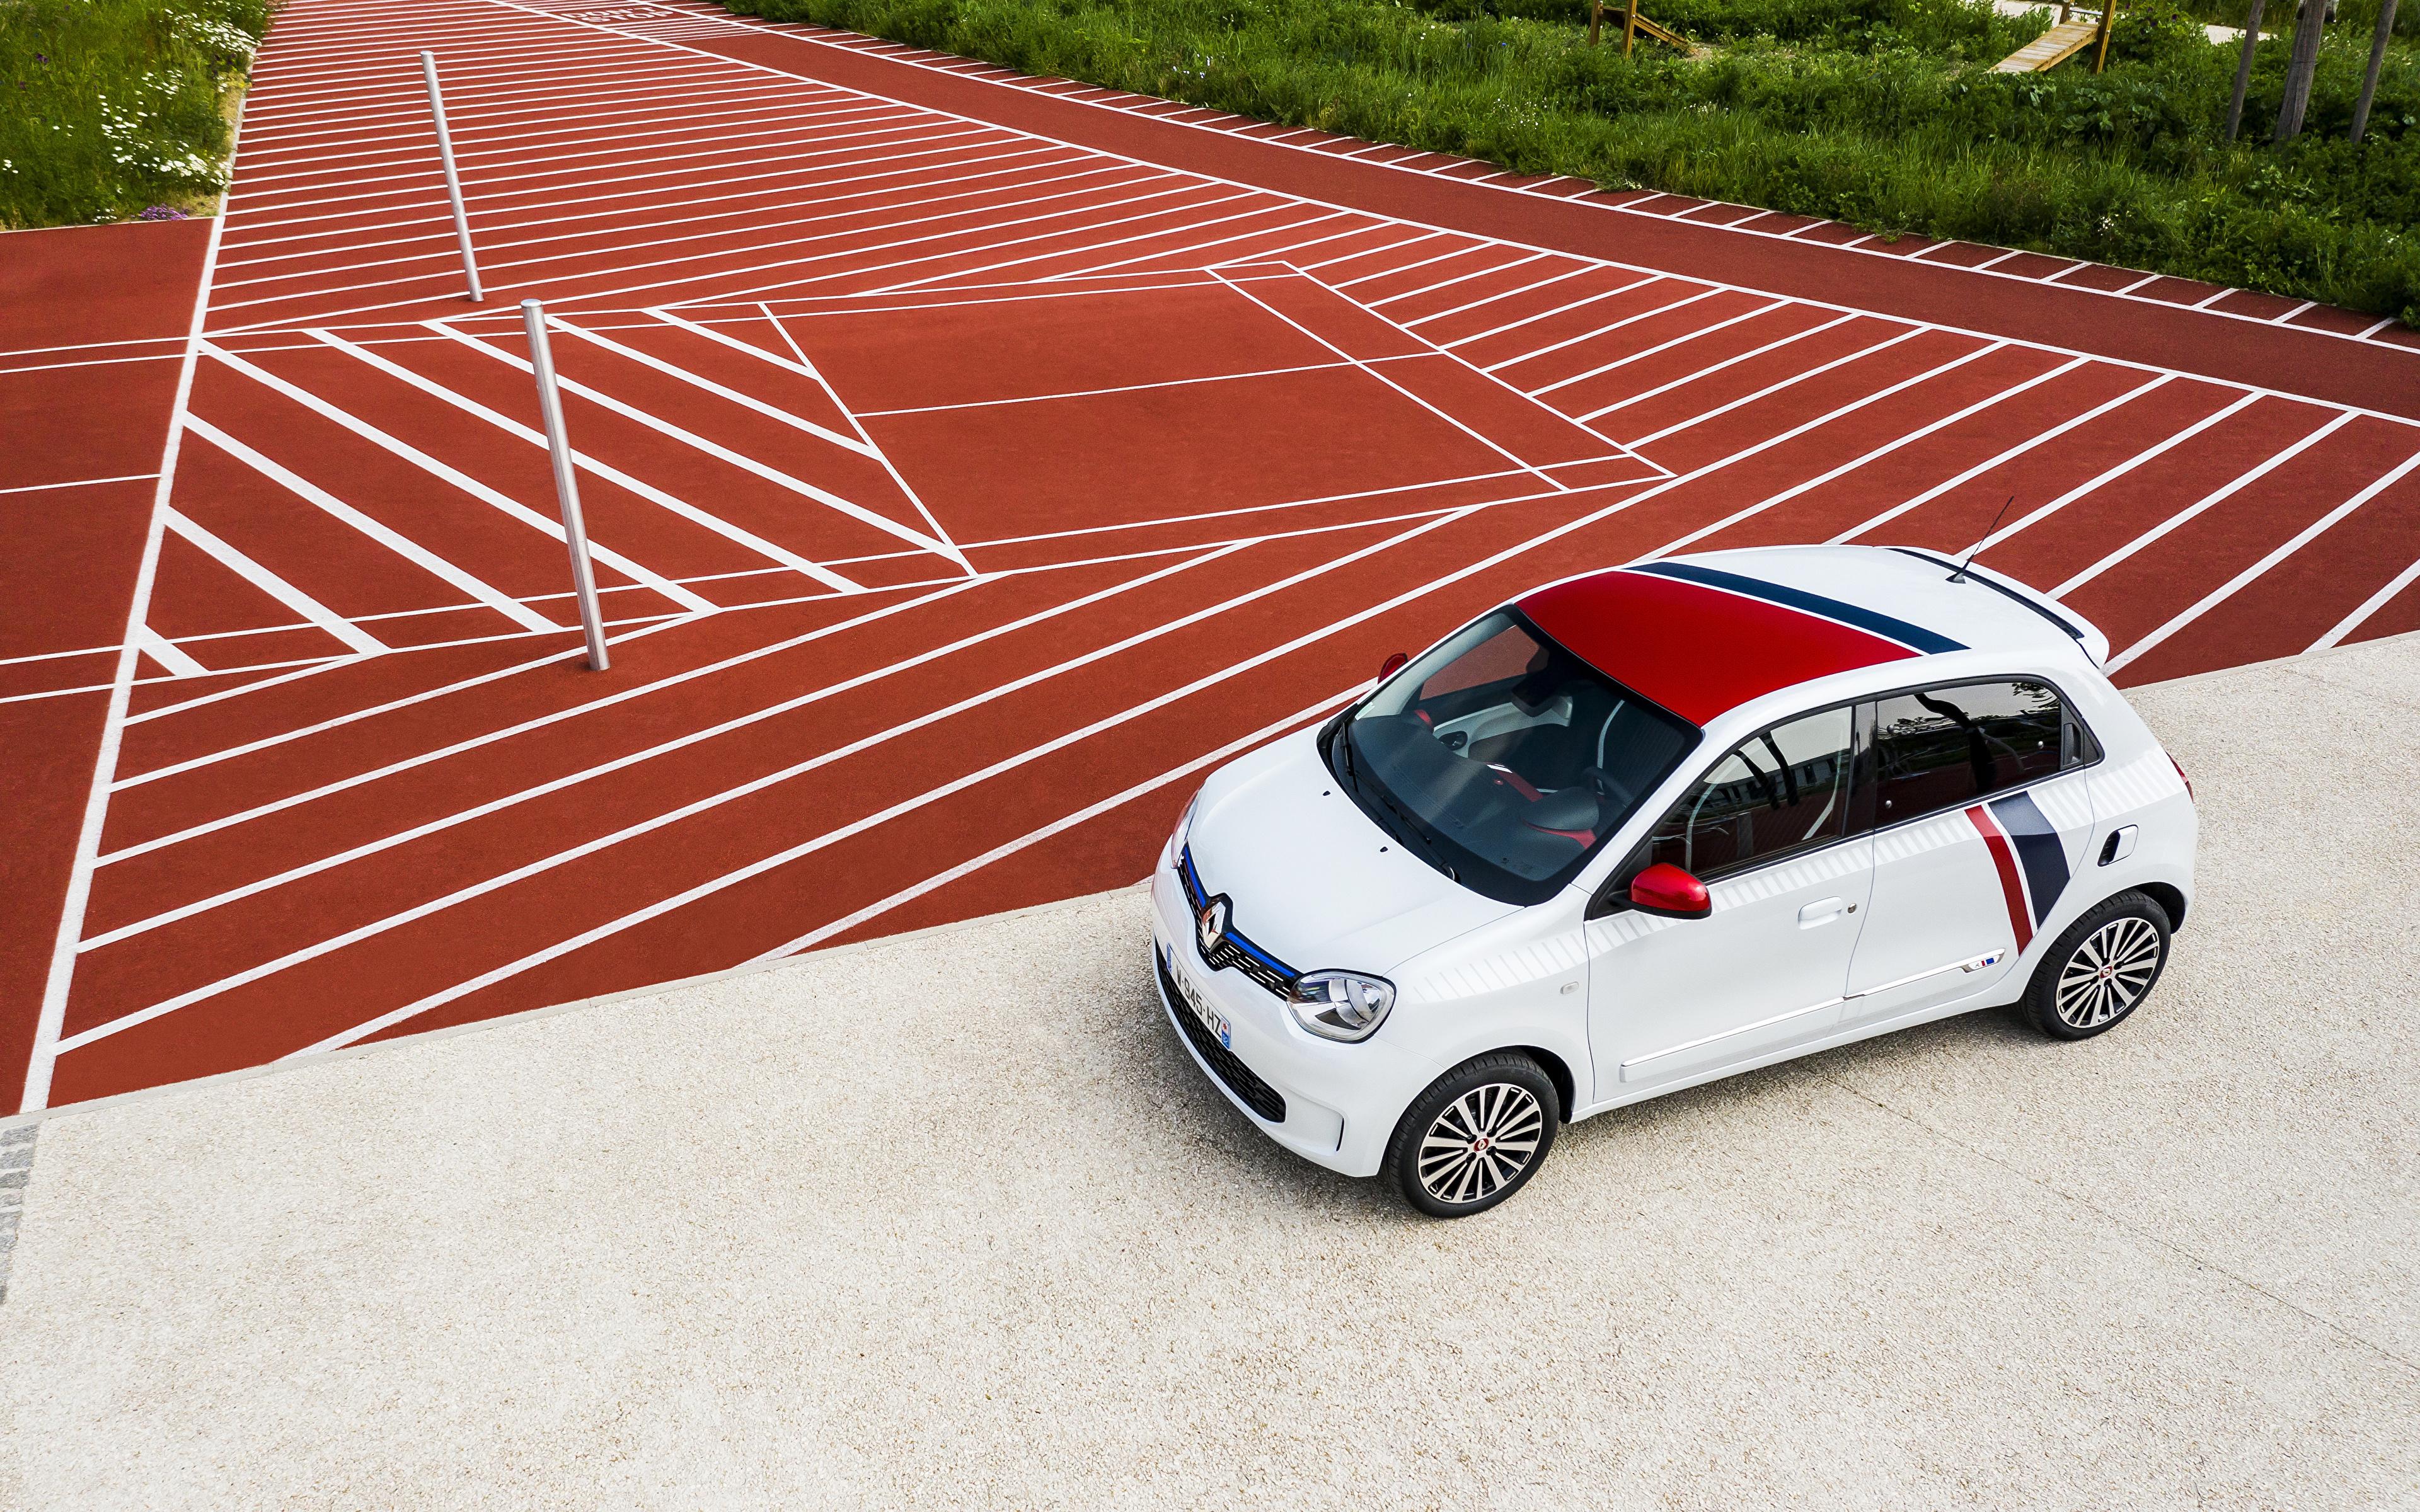 Photos Renault 2019 TWINGO Le Coq Sportif White automobile 3840x2400 Cars auto